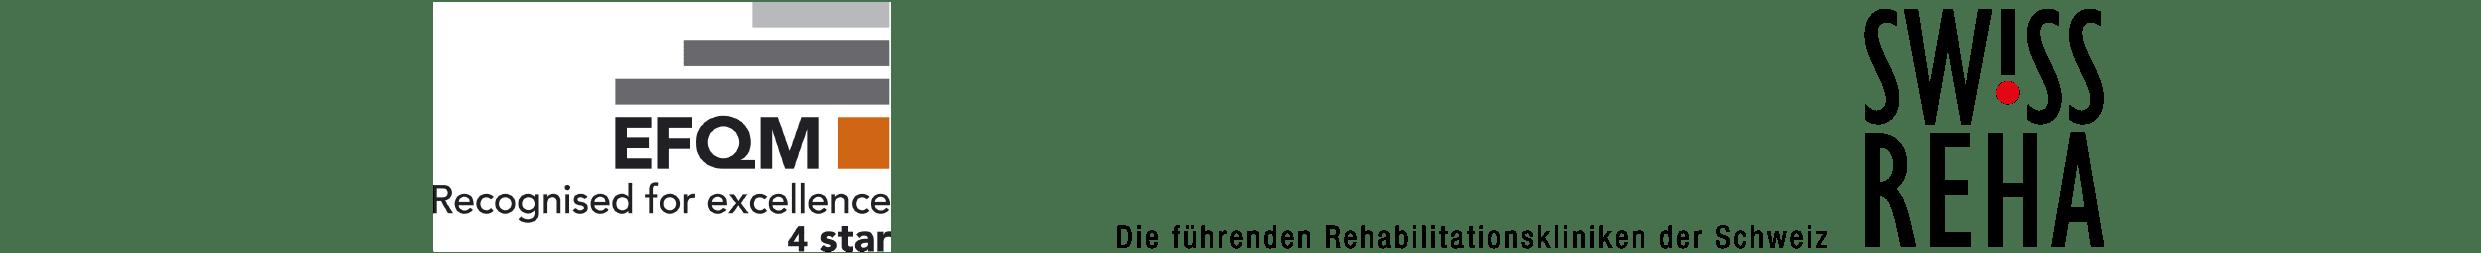 Swiss-Reha_EFQM_Zeichenfläche 1